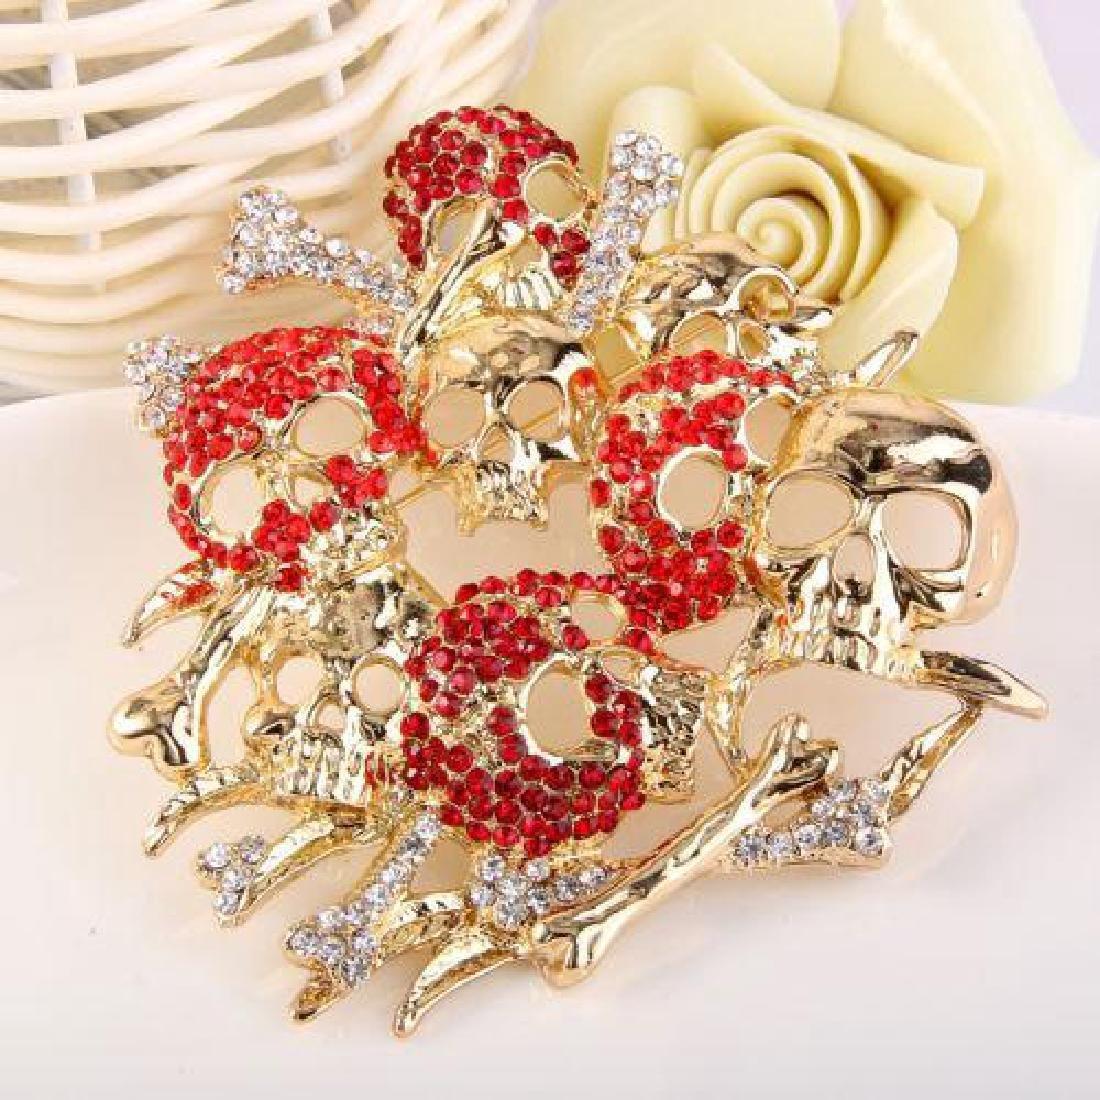 Skull & Bones Crystal Brooch Pin - 4